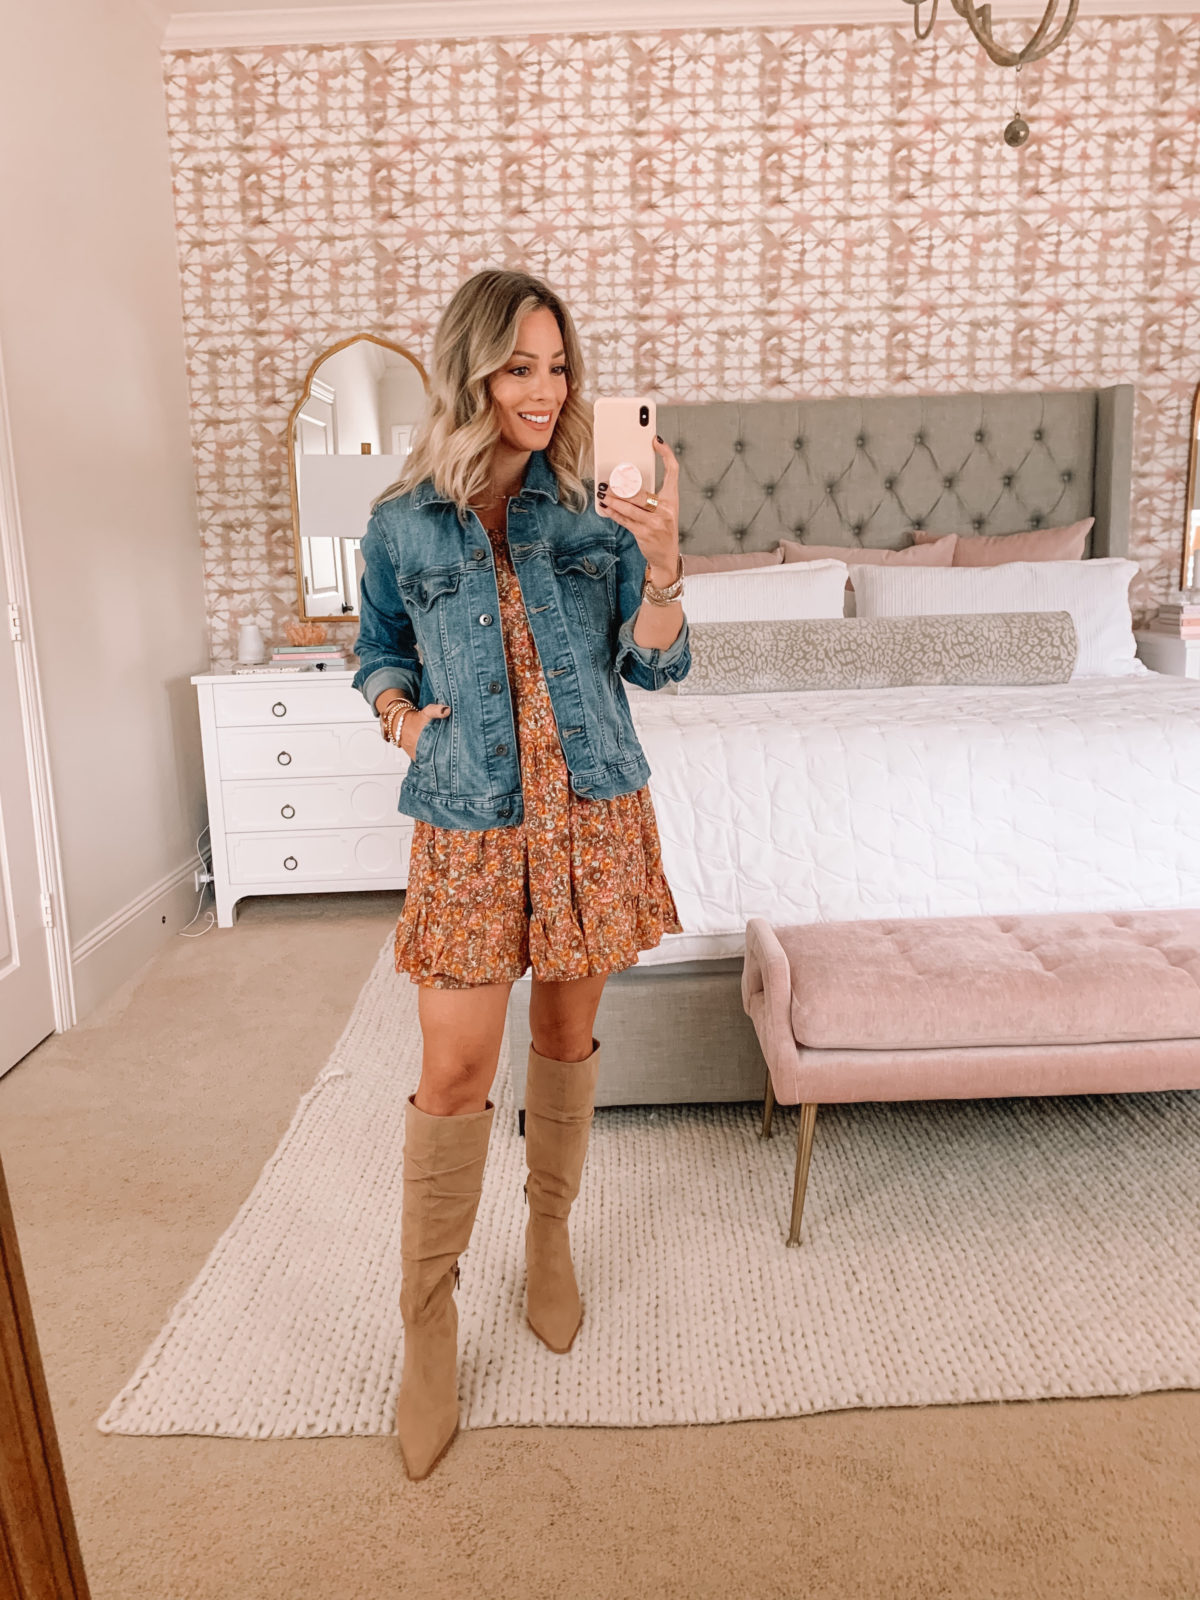 Dressing Room Finds Target, Denim Jacket, Floral Dress, Knee High Boots